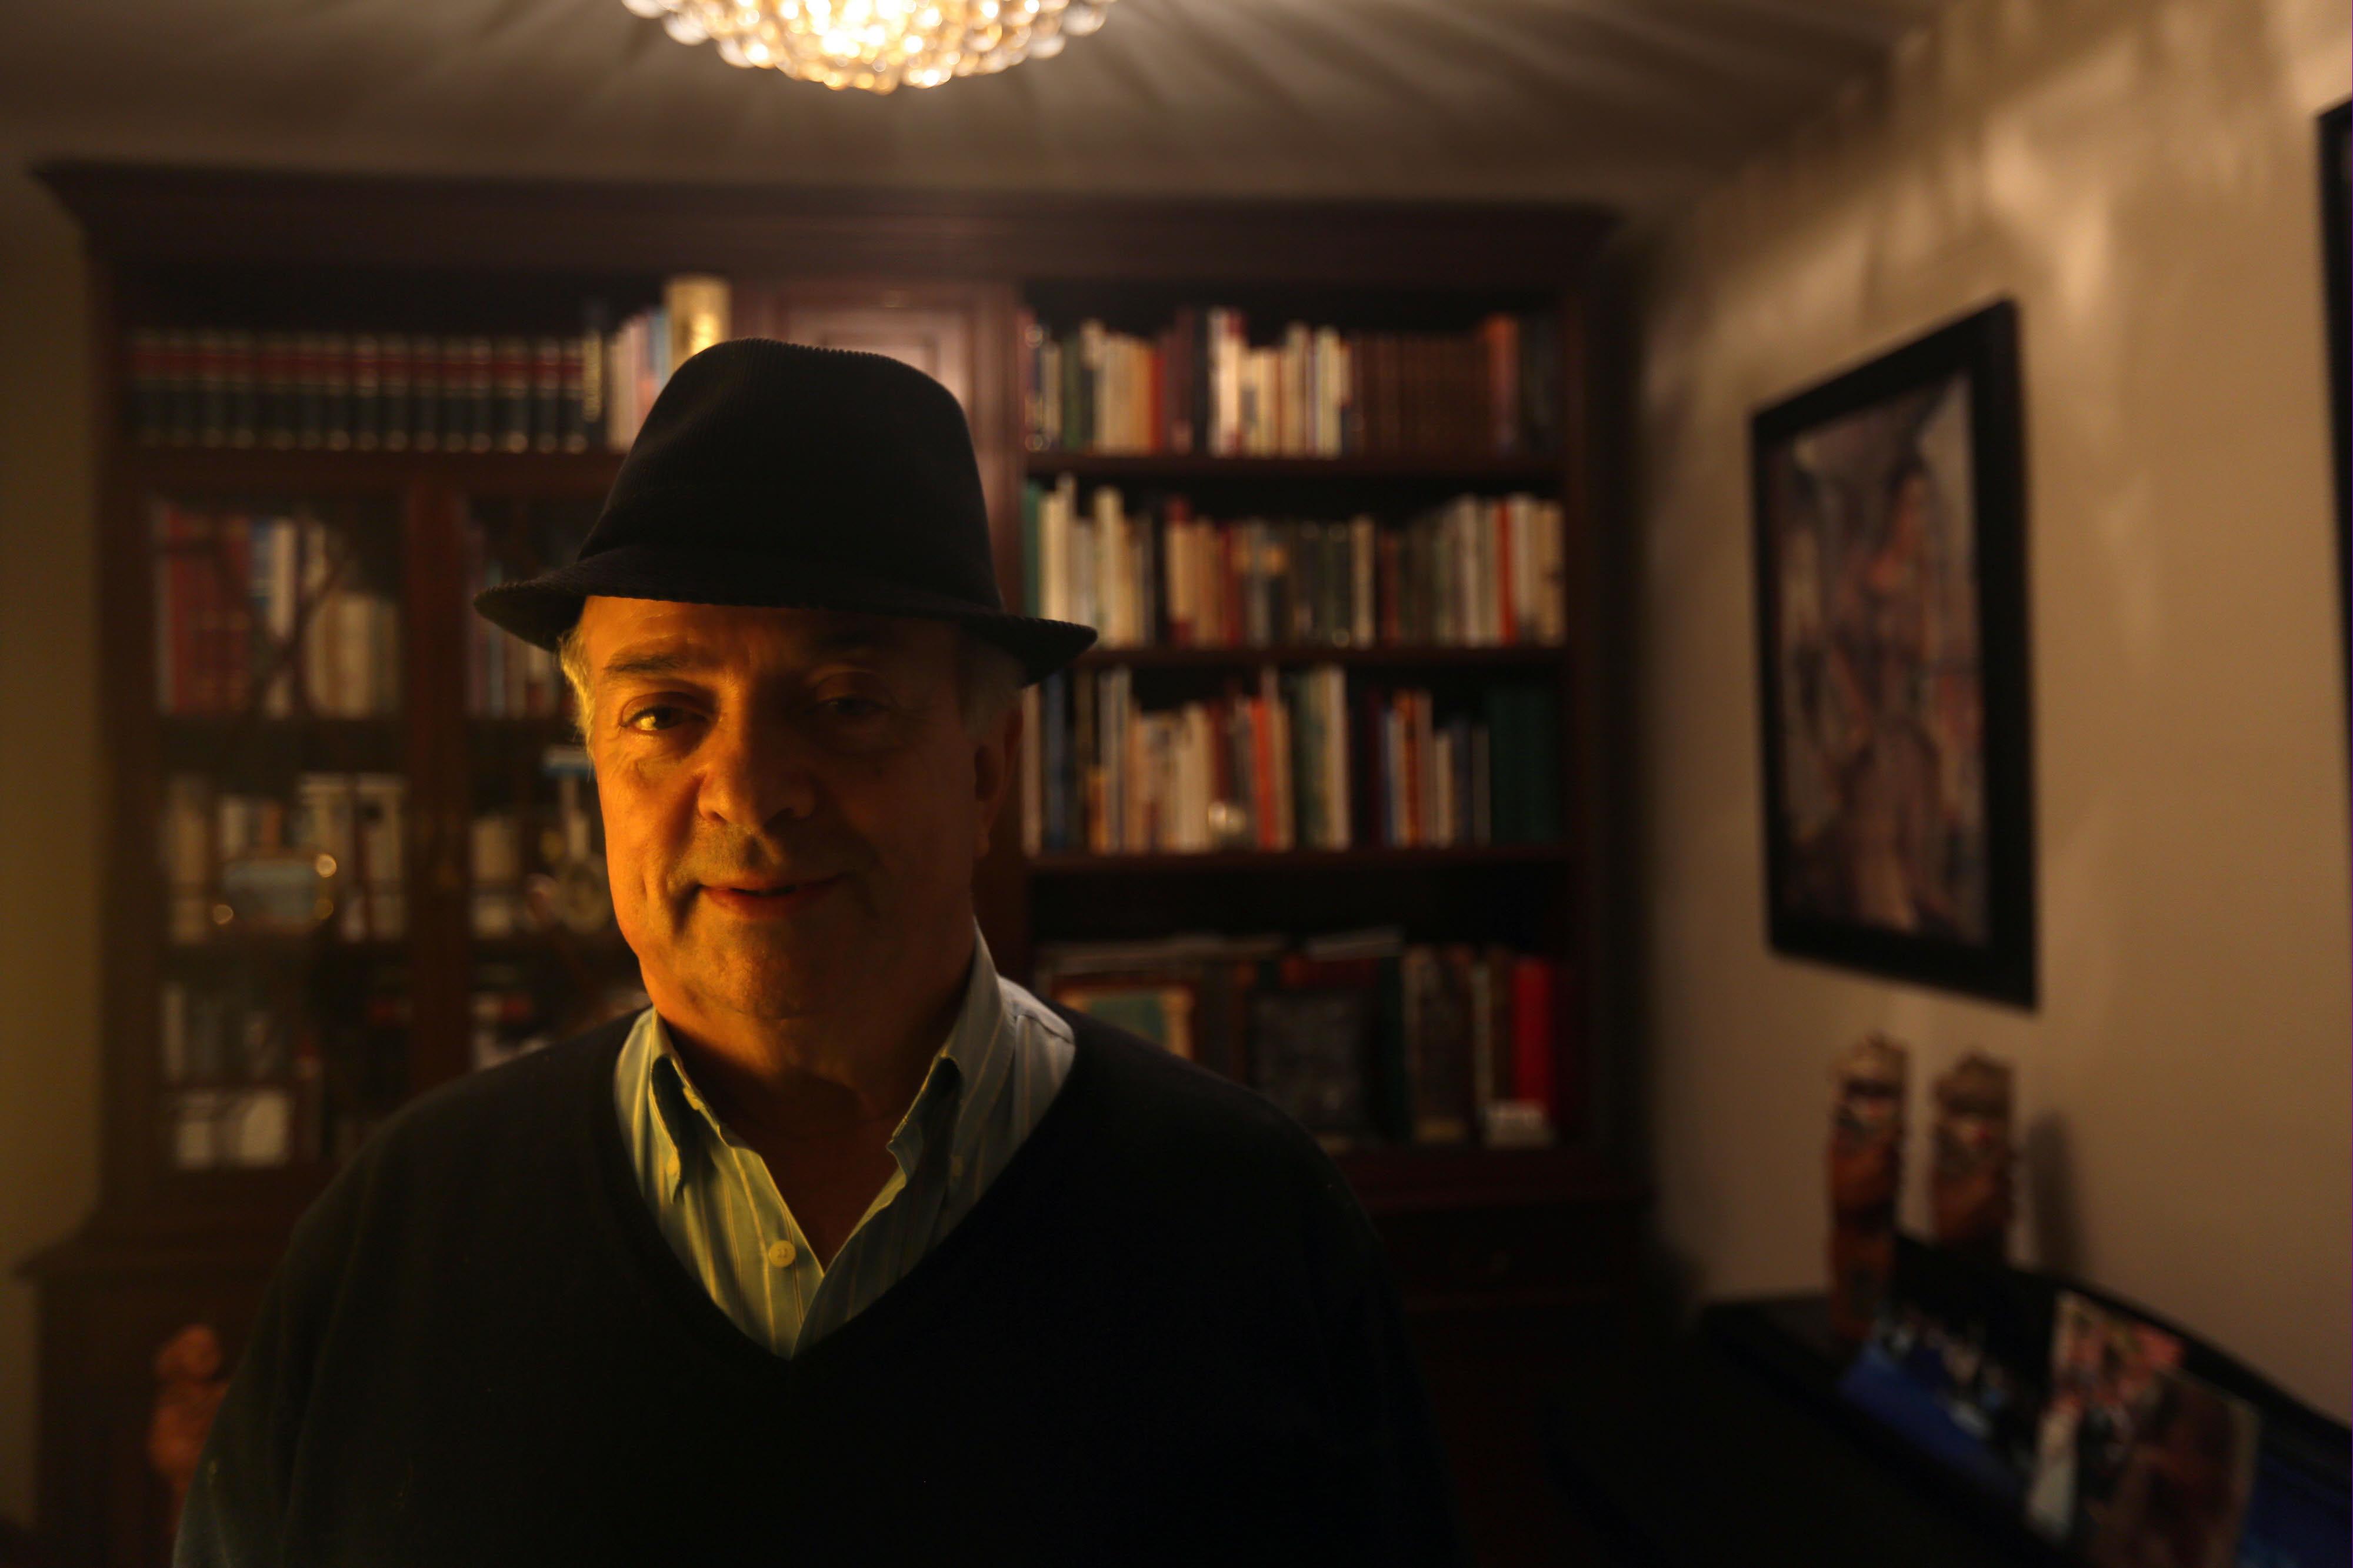 El regreso de Antonio Martín eclipsa una noche de leyenda